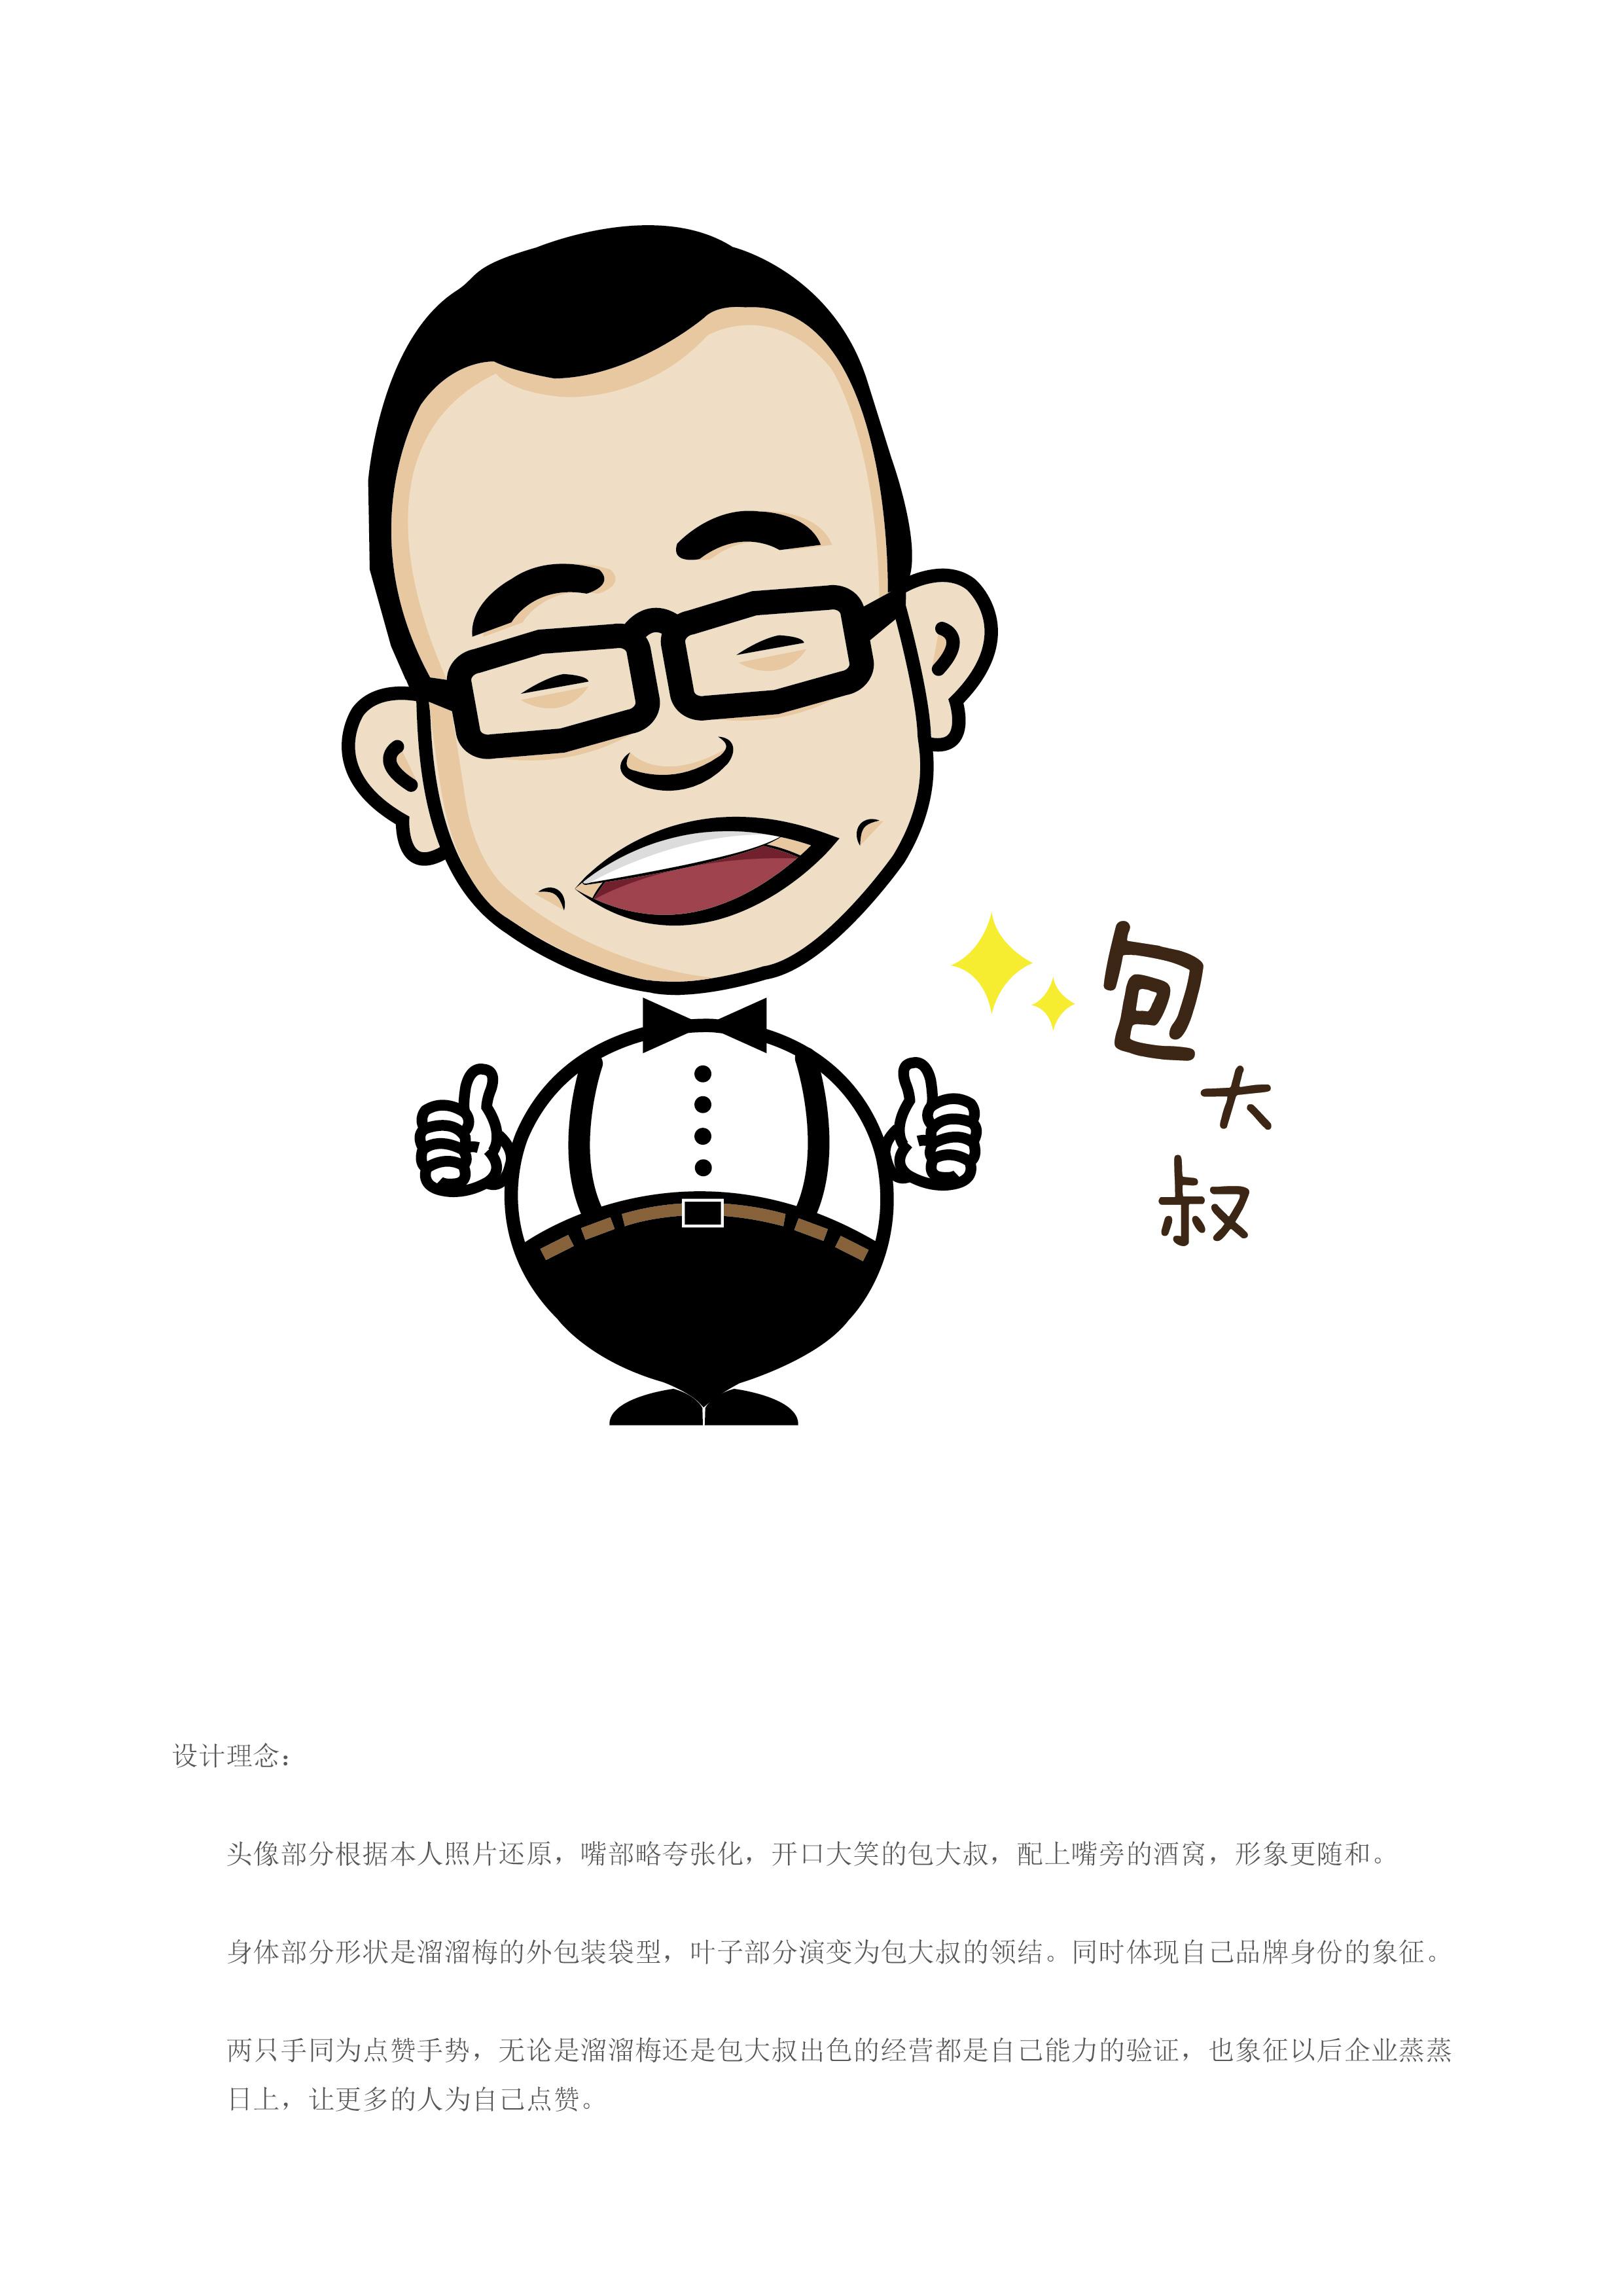 中年大叔卡通微信头像